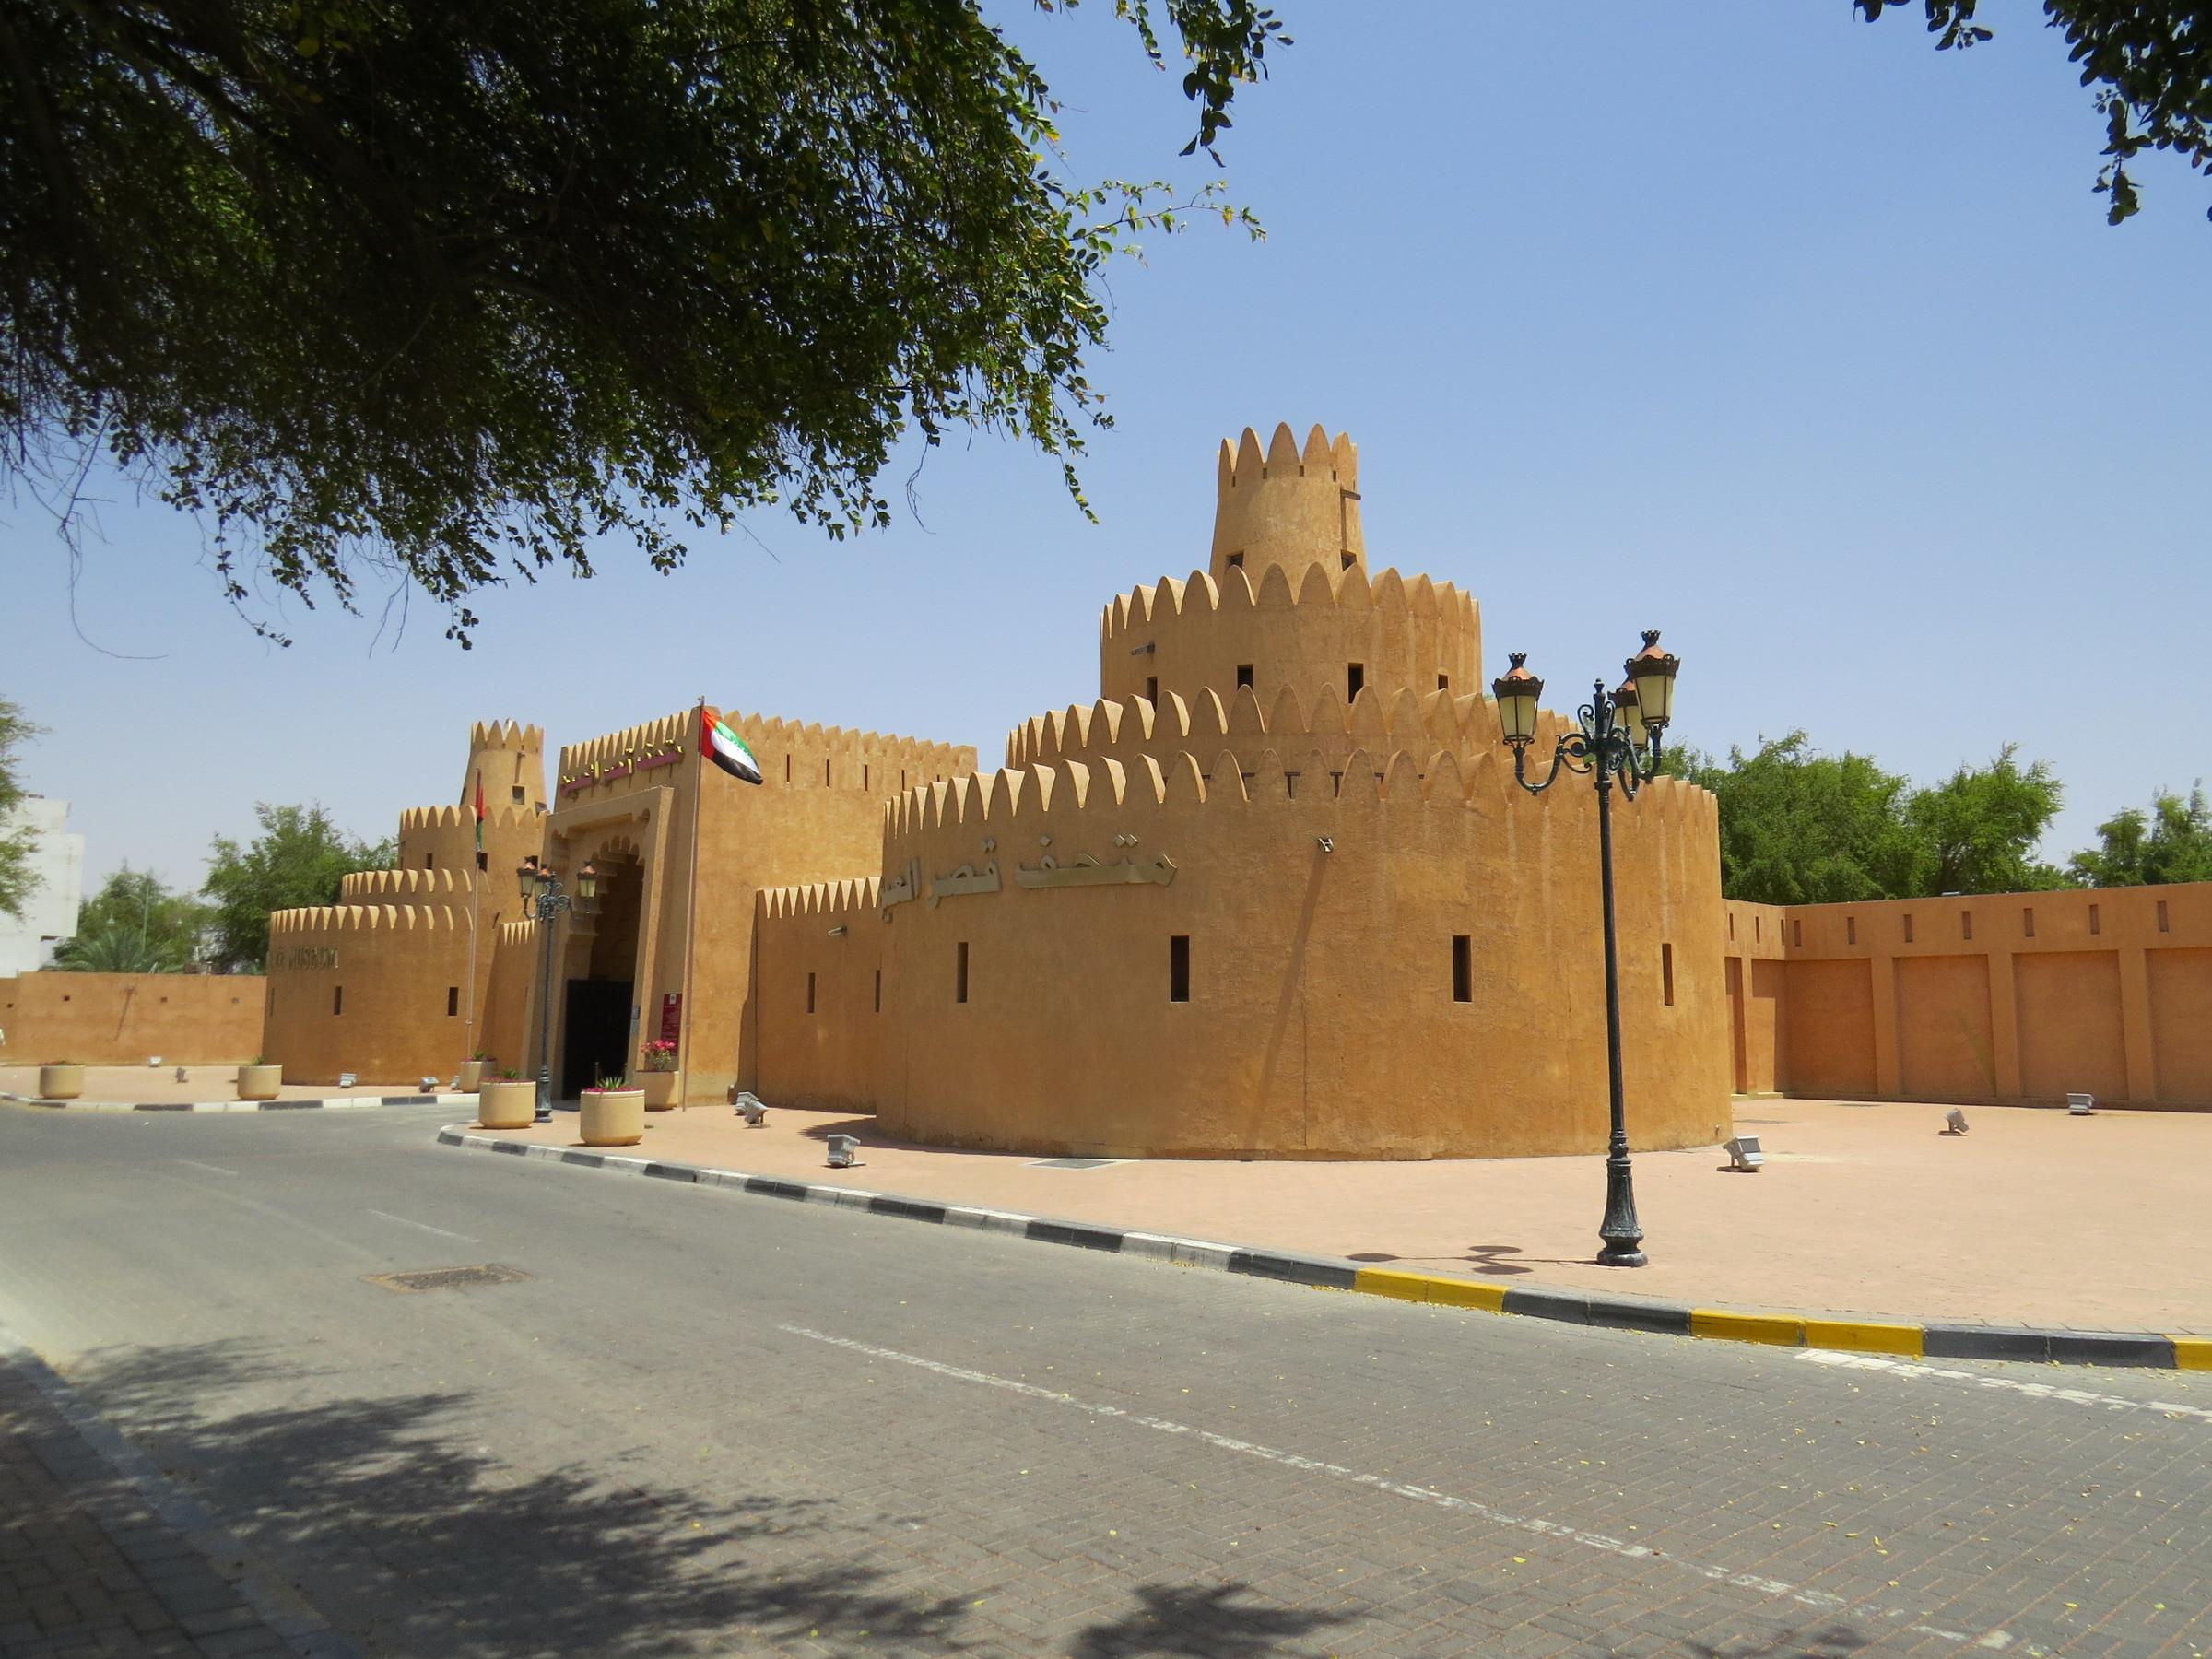 дворц-музей правителя, Аль Айн, экск